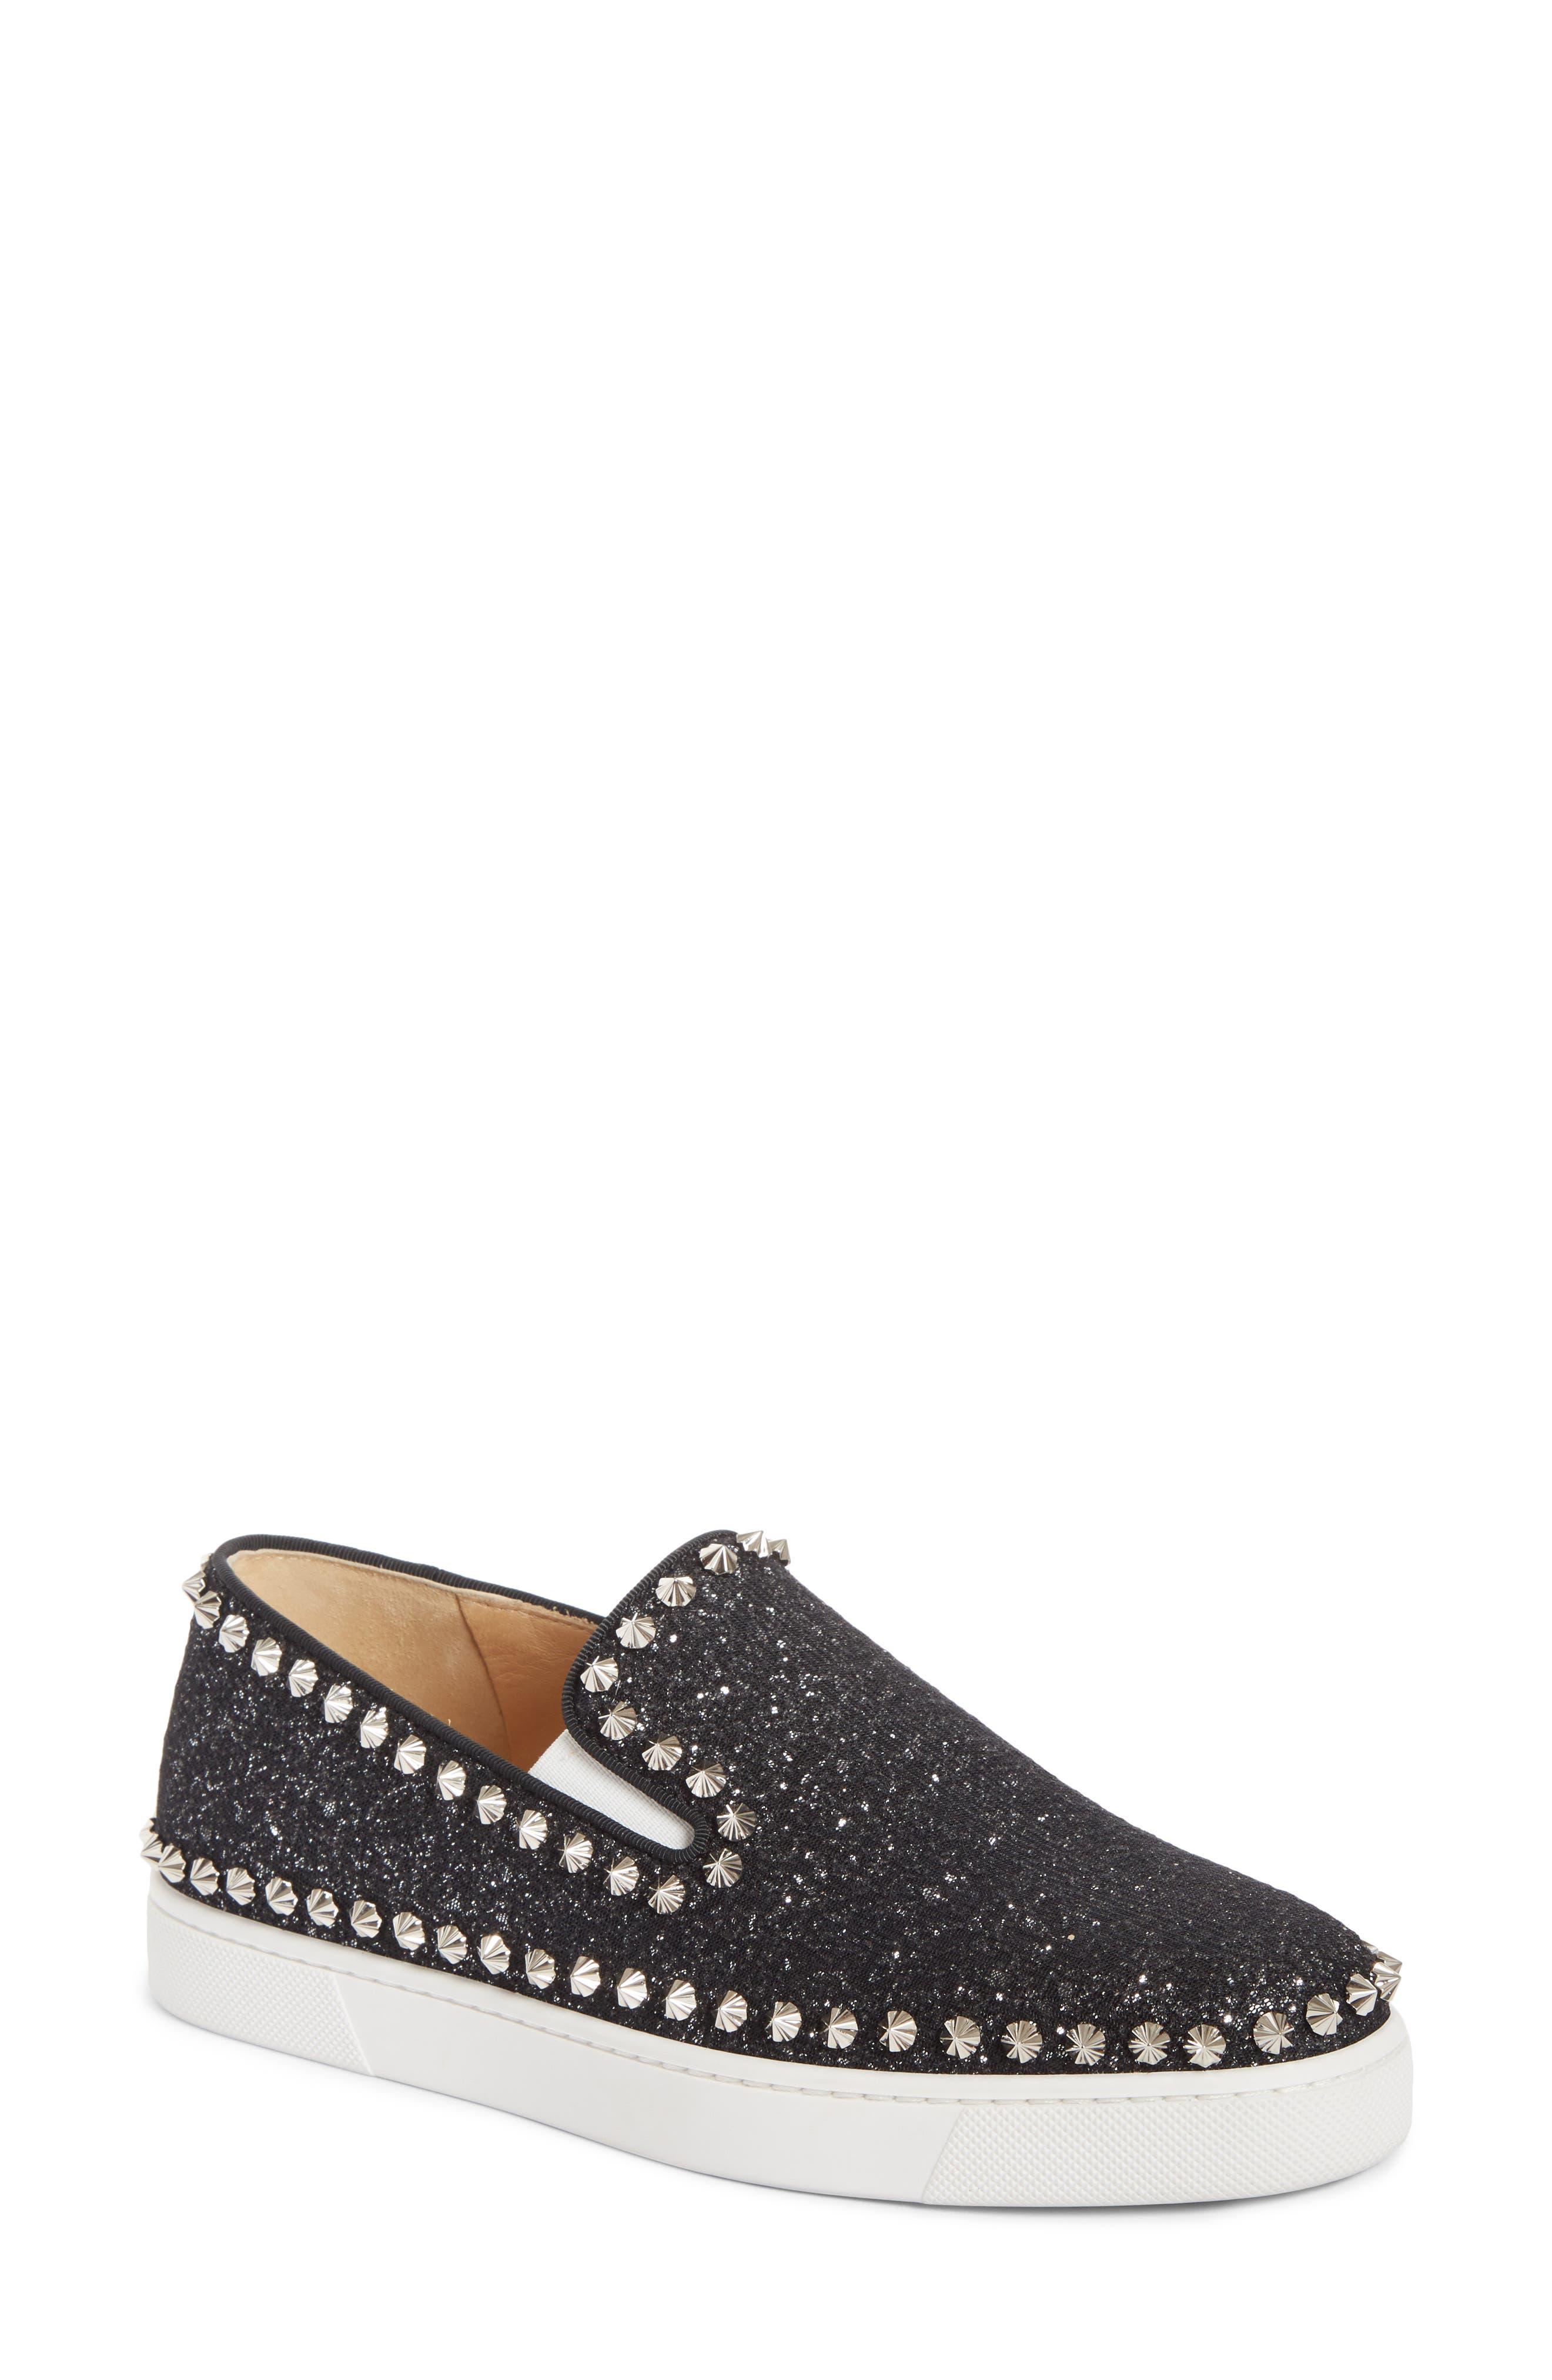 Christian Louboutin Spike Slip-On Sneaker - Black